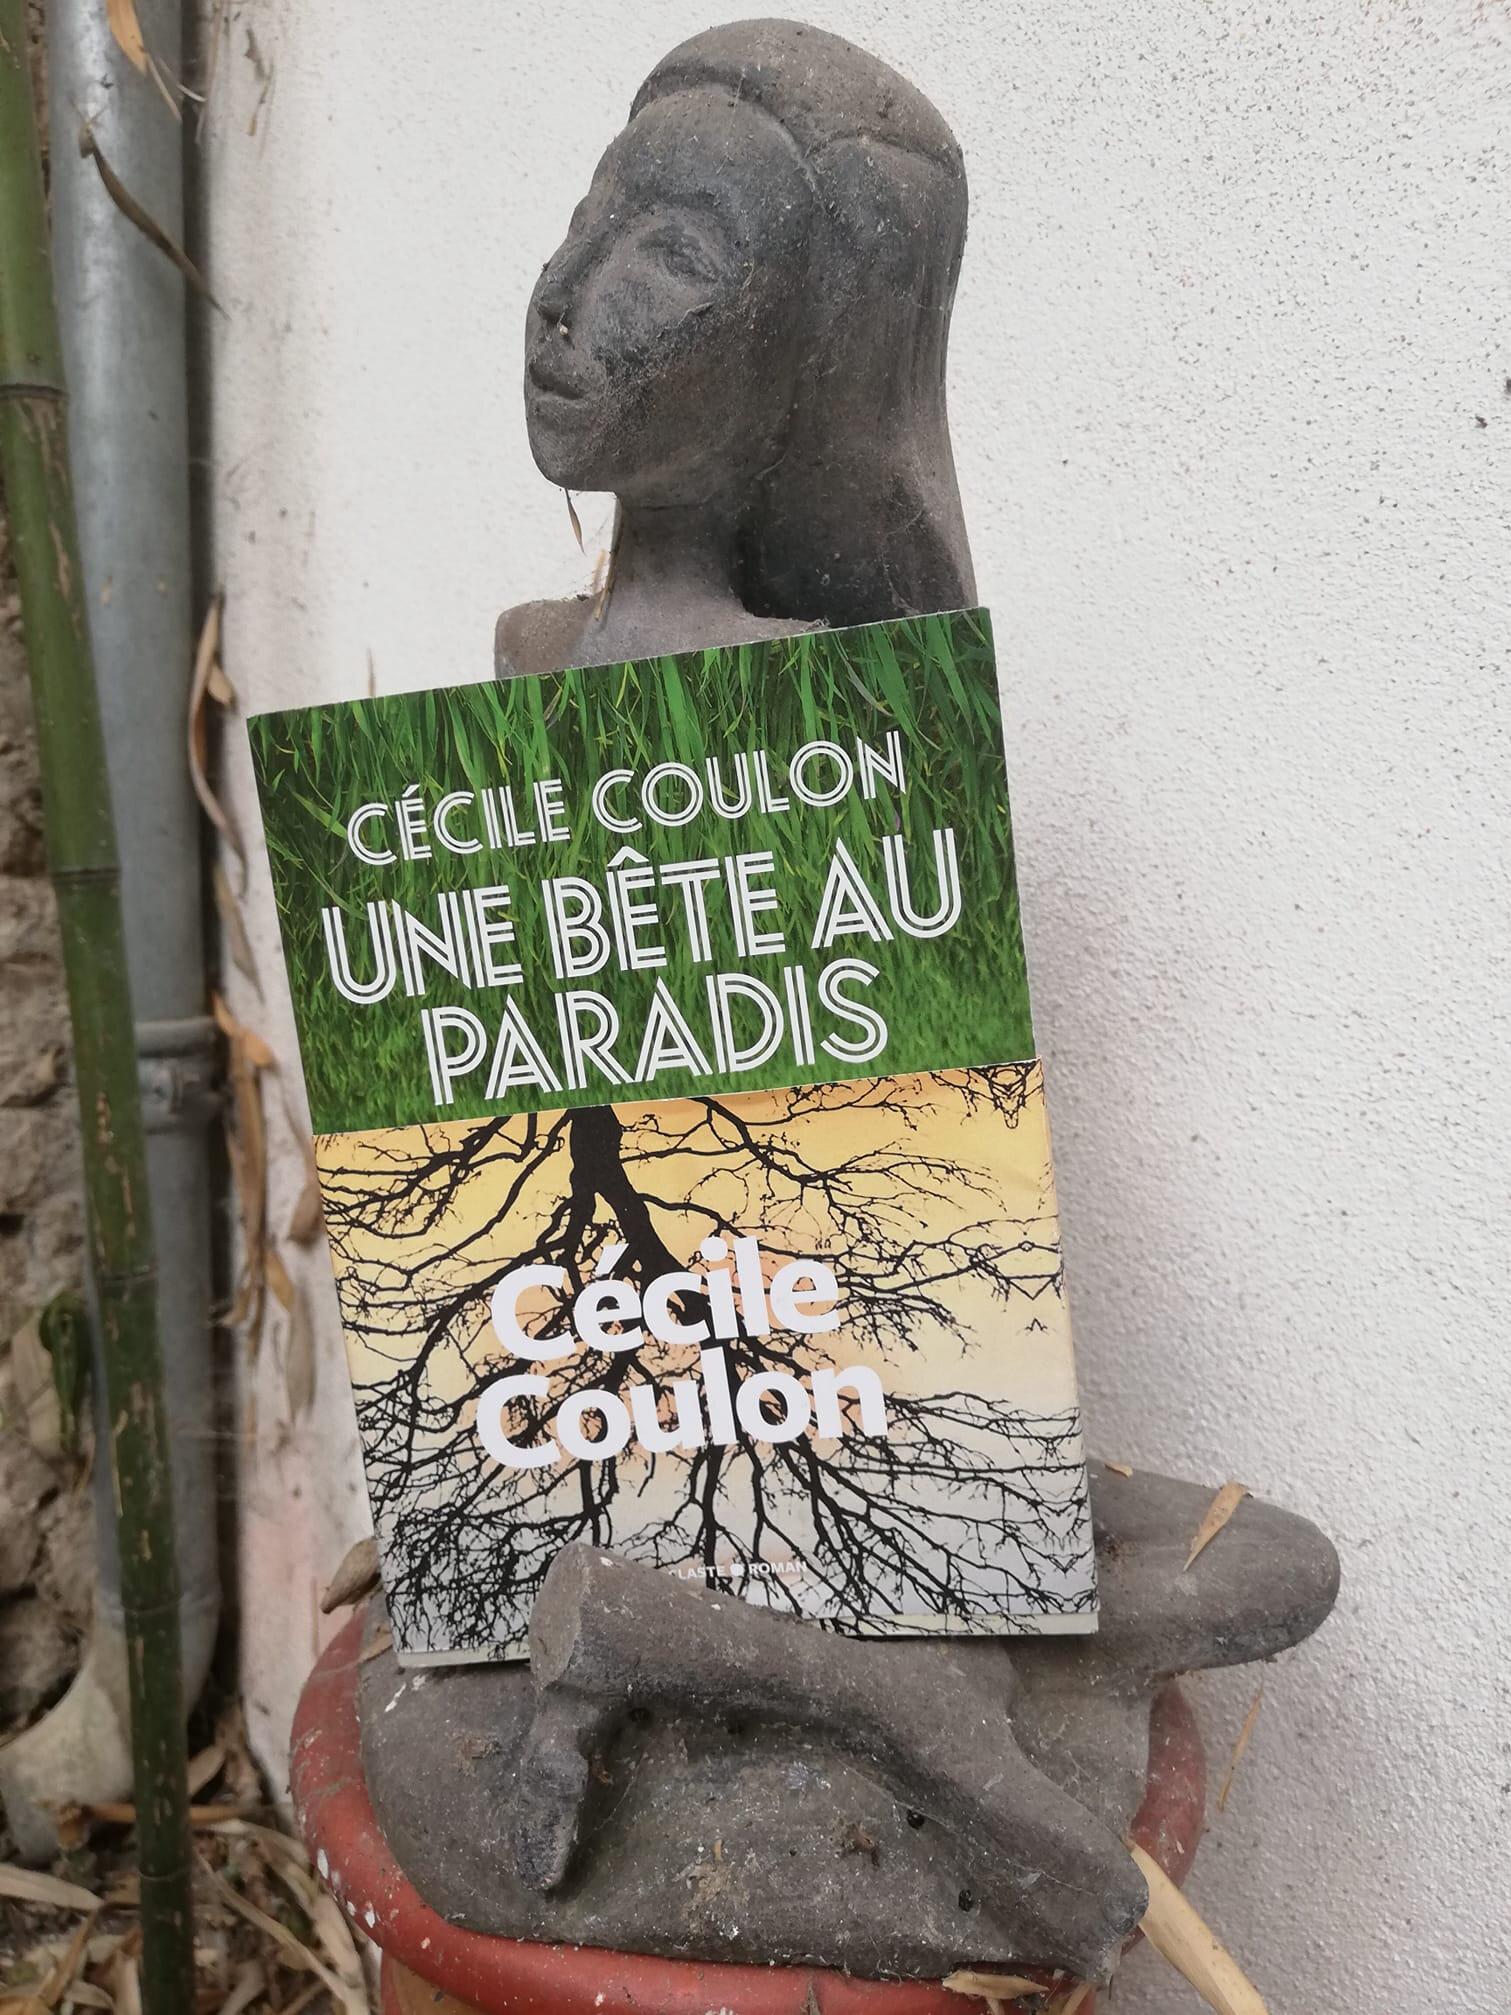 Cecile Coulon Une Bete Au Paradis : cecile, coulon, paradis, Foudre, Bête, Paradis, Cécile, COULON, Boudoir, Littéraire, Culturel